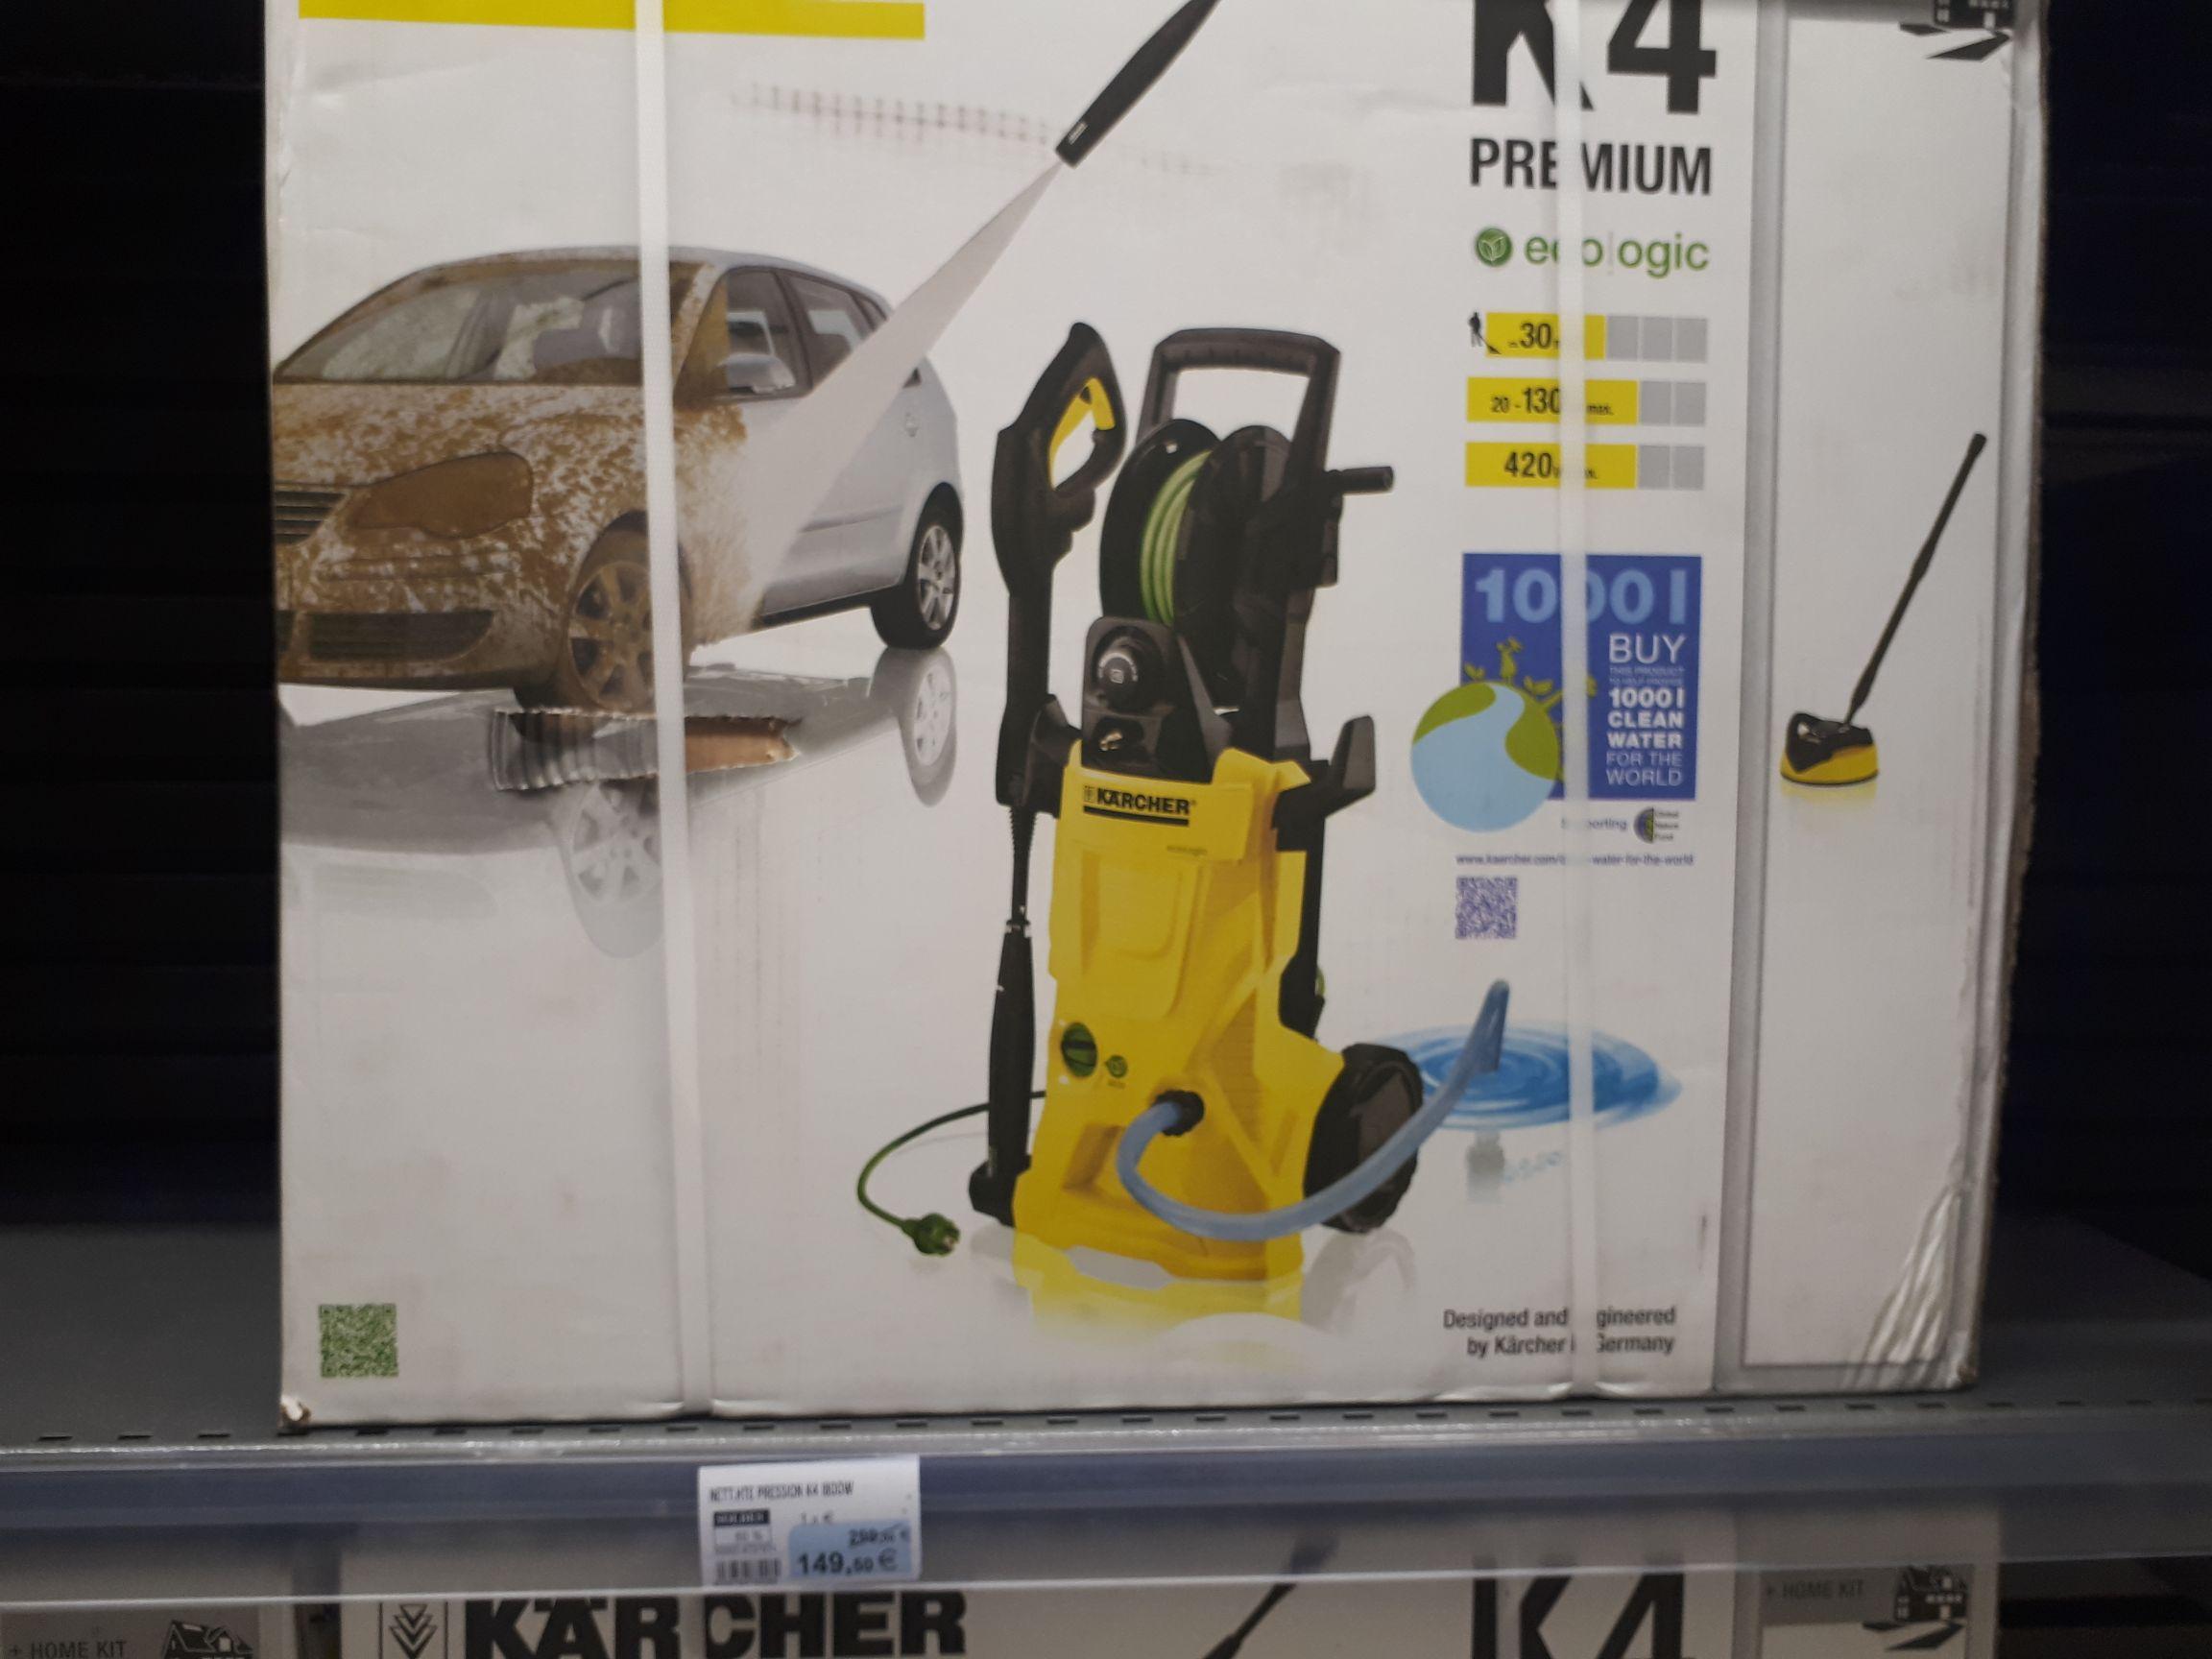 Sélection de nettoyeurs haute pression - Ex : Karcher K4 Premium Ecologic - Hyper U Blain (44)